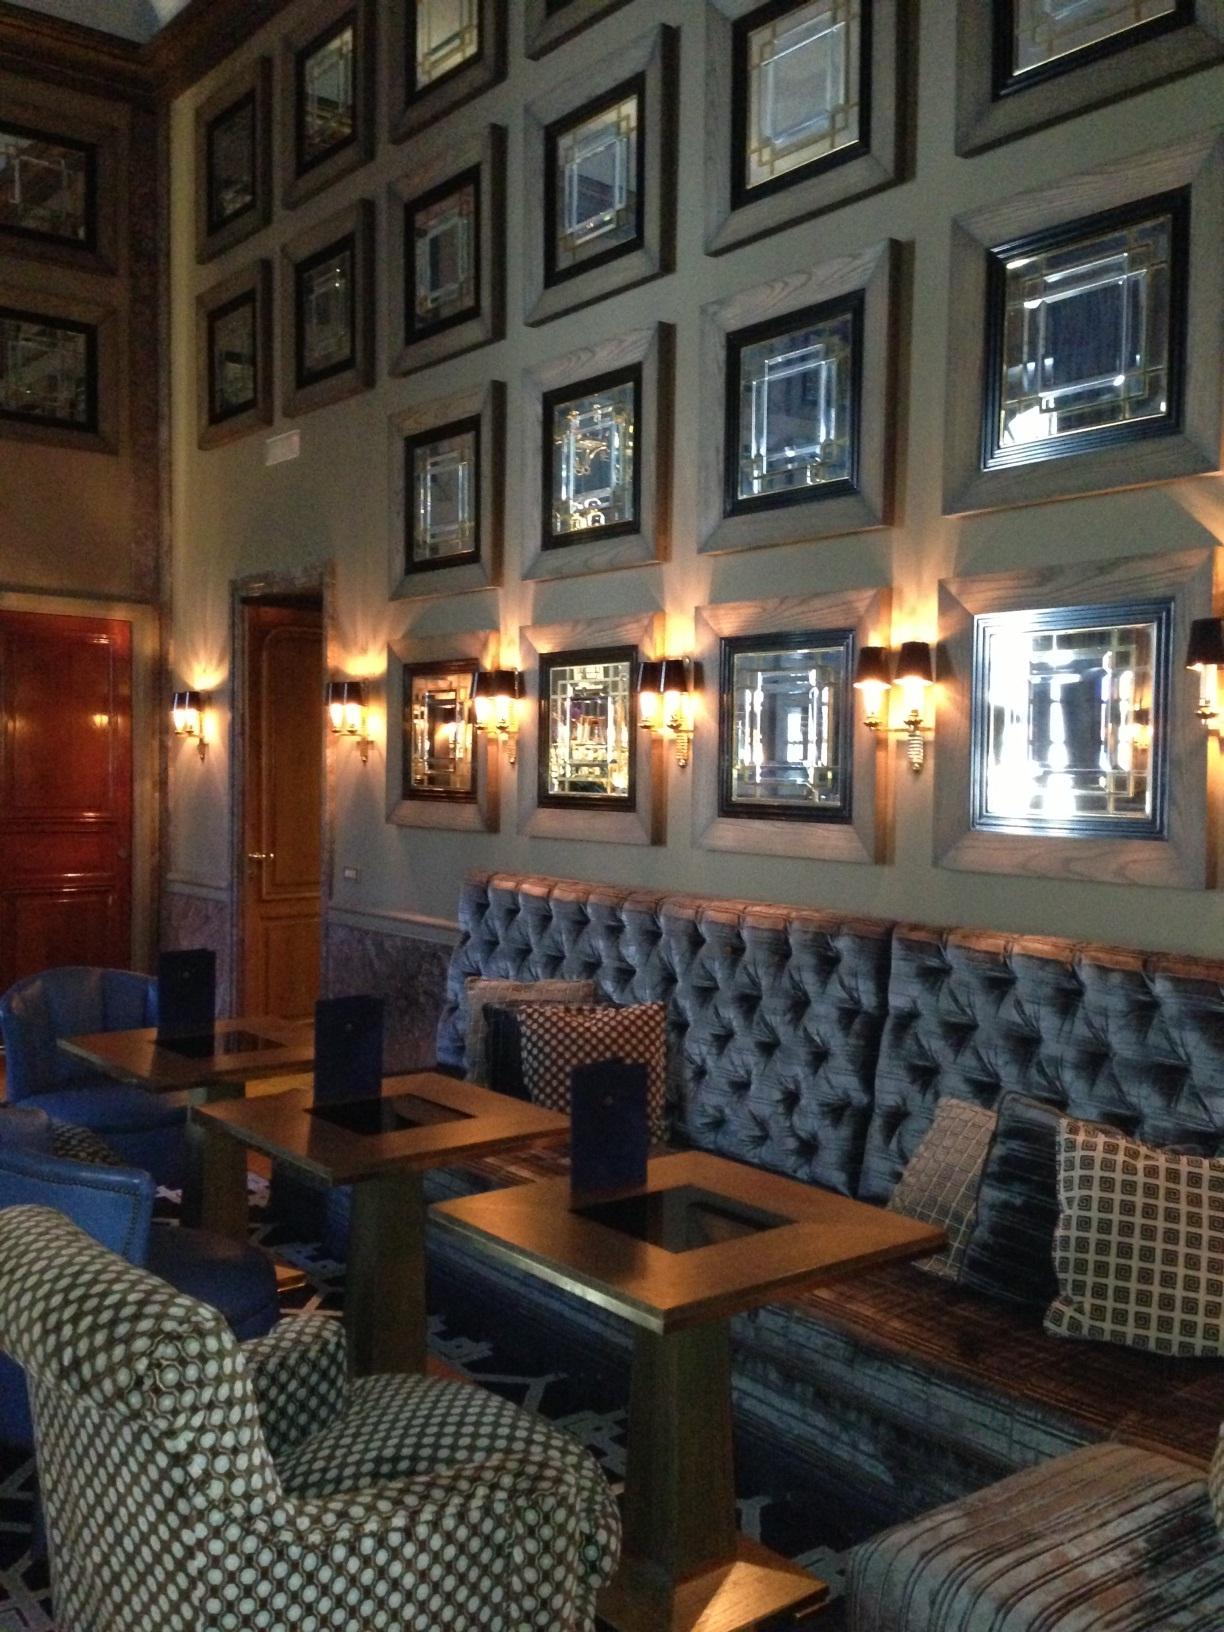 2012-12-04-restaurant.jpg